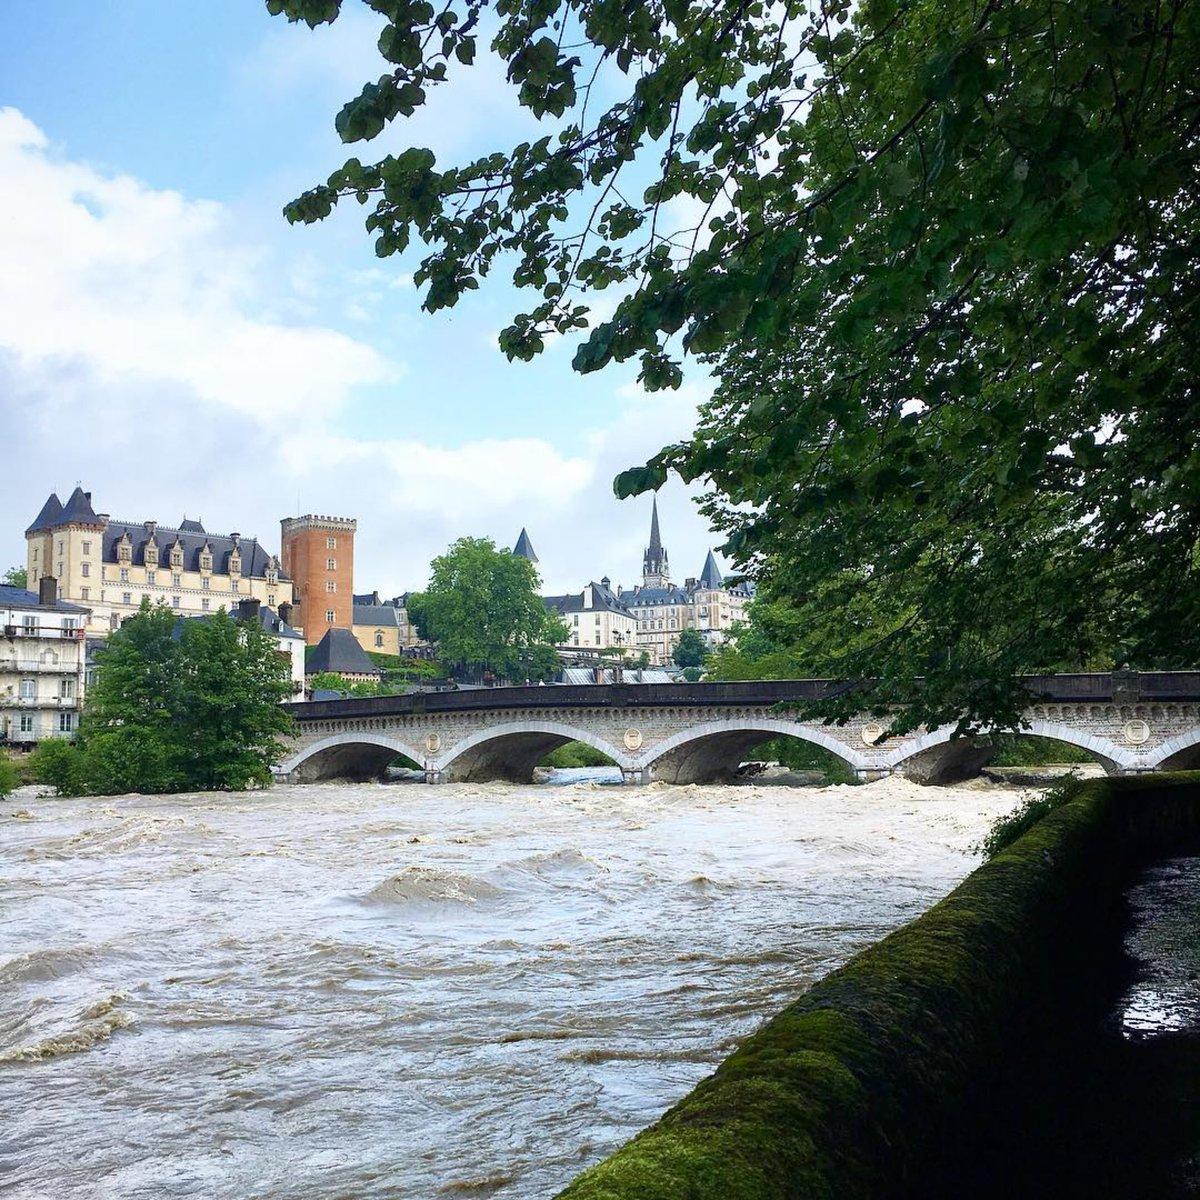 Pau ce soir, 99mm d'eau et 2,50m chiffres du jour... melleluciole #pau #bearn #pyrenees #inondations #gave #meteo64  - FestivalFocus